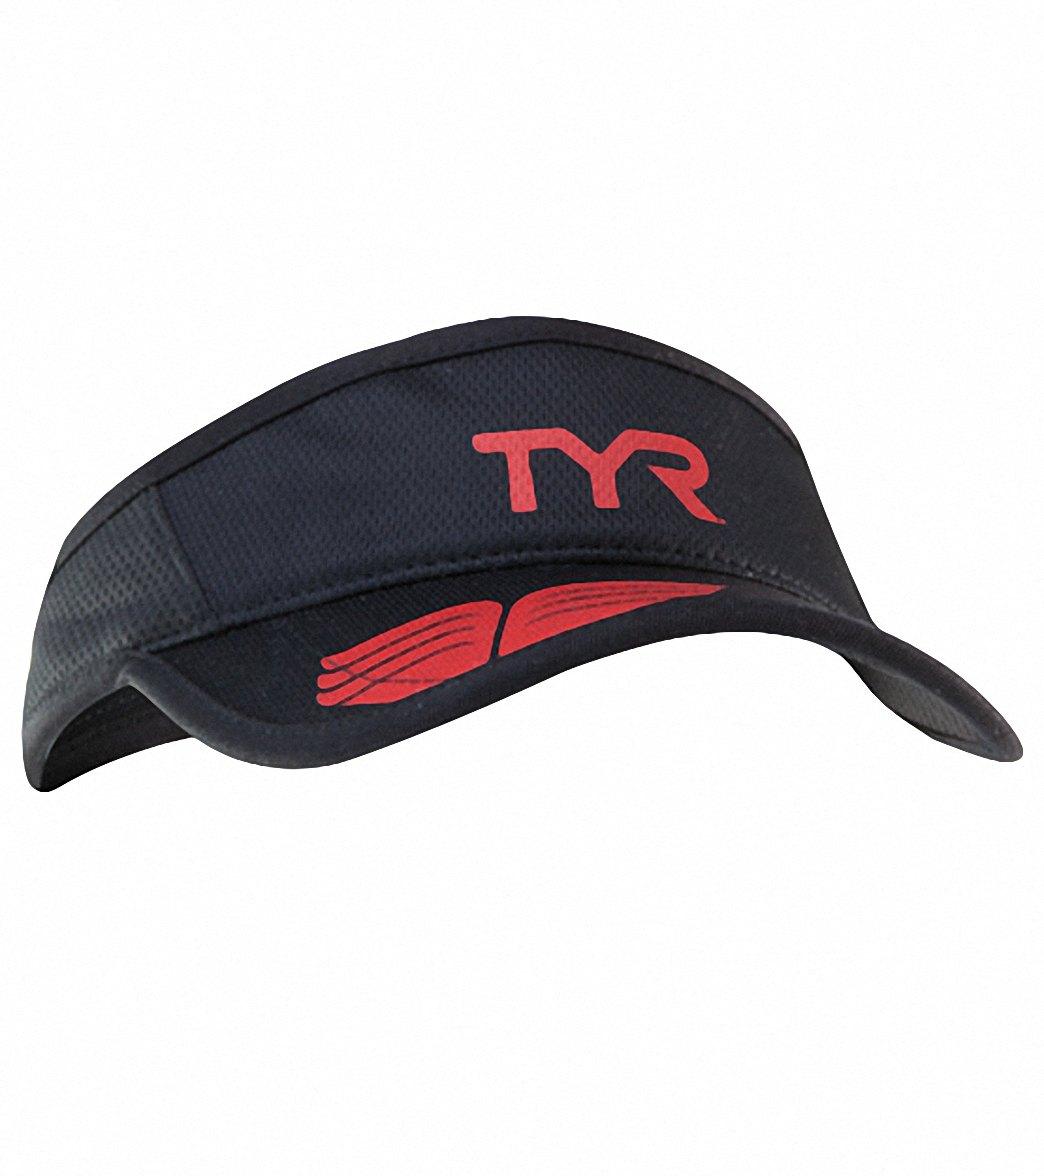 521429fc535793 TYR Running Visor at SwimOutlet.com